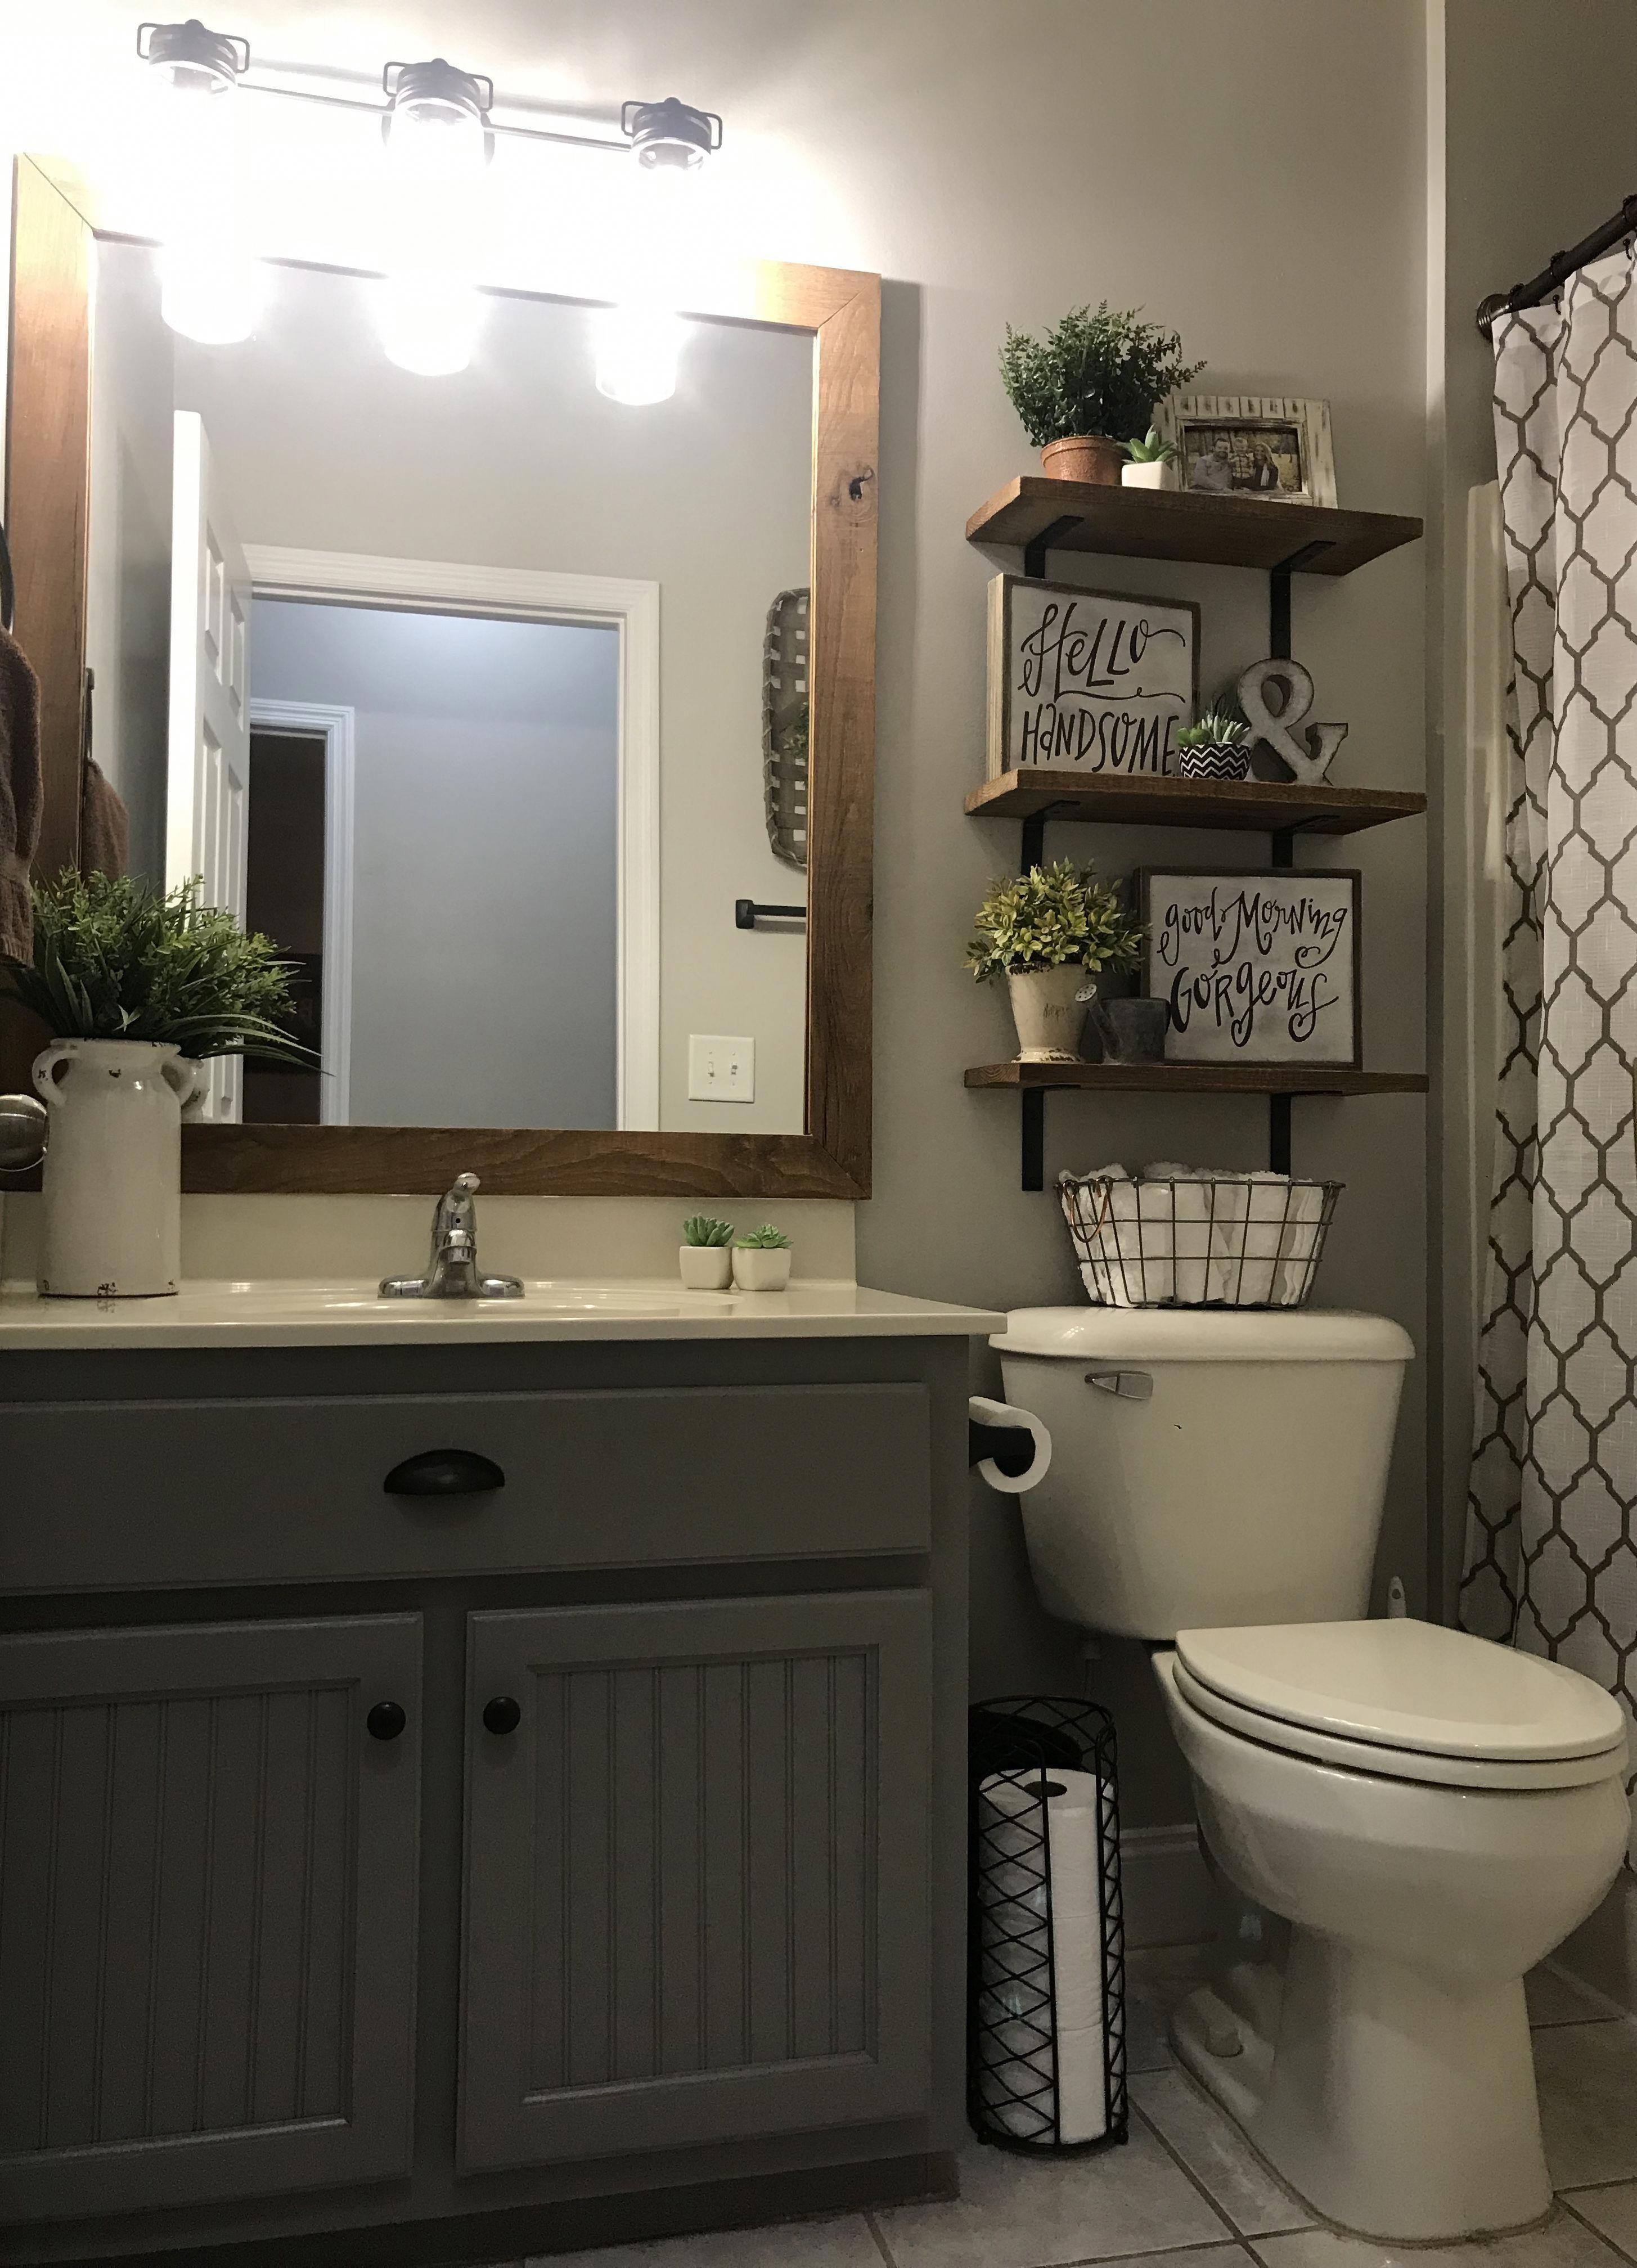 29 Guest Bathroom Ideas To Wow Your Visitors Bathroom Bathrooms Diy Remodel Makeover Vanity Simp Small Bathroom Decor Guest Bathrooms Bathroom Makeover